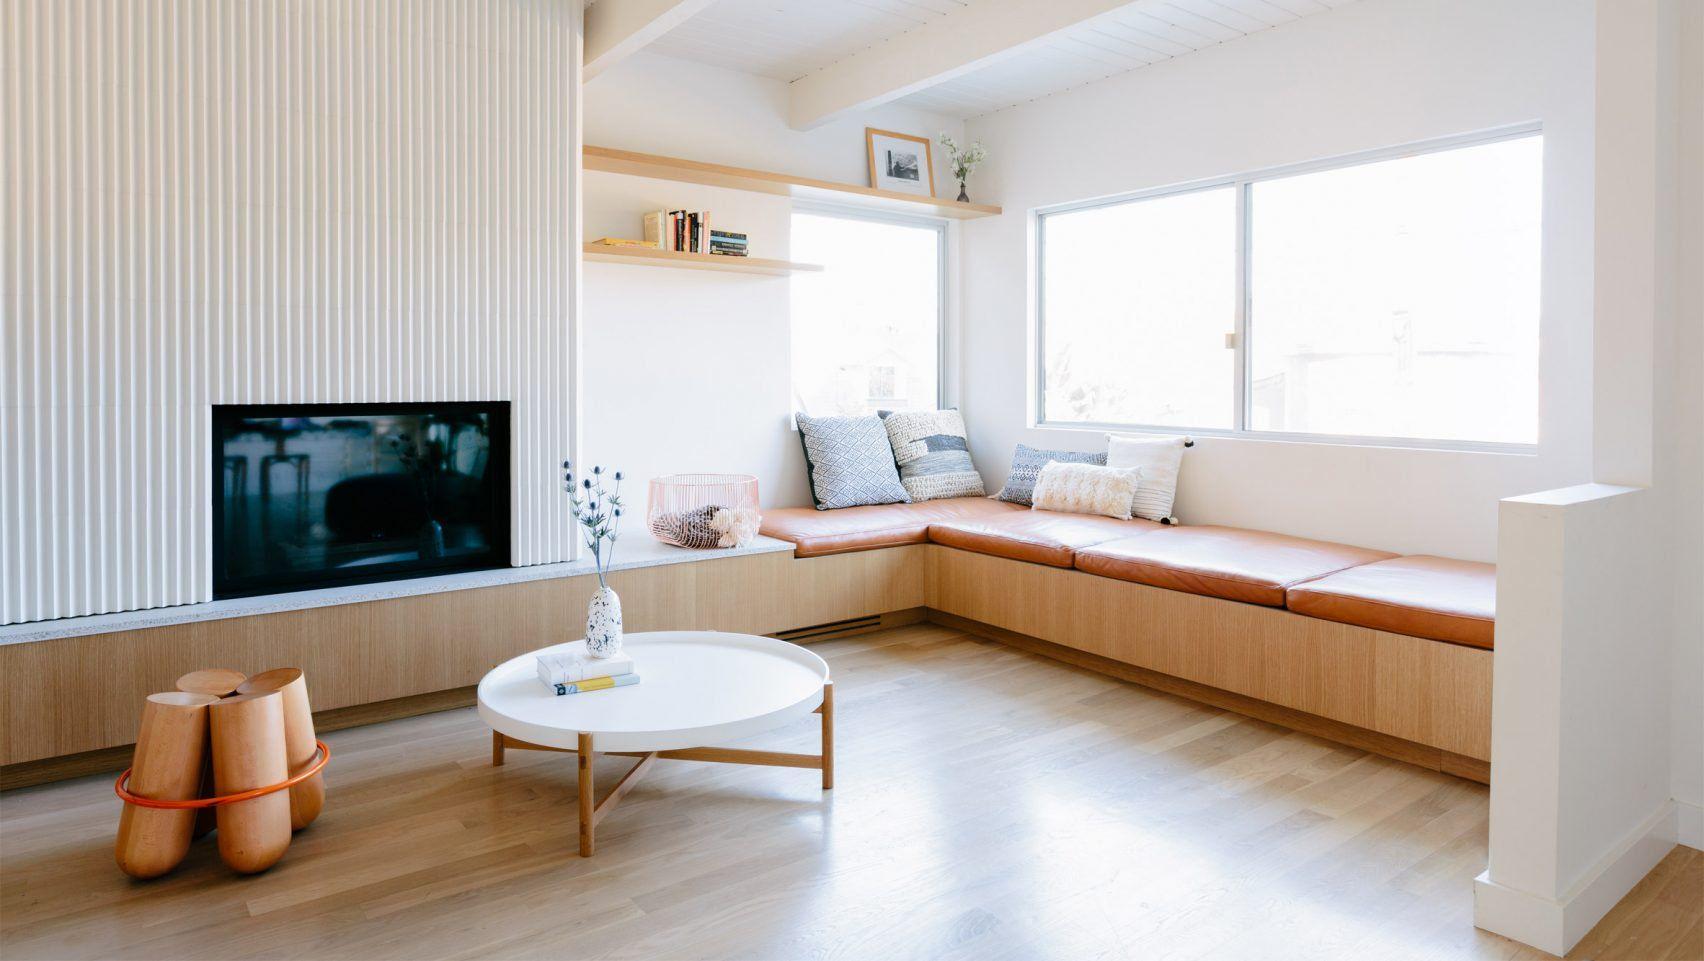 L vormige woonkamer met scandinavische eethoek en mintgroene keuken